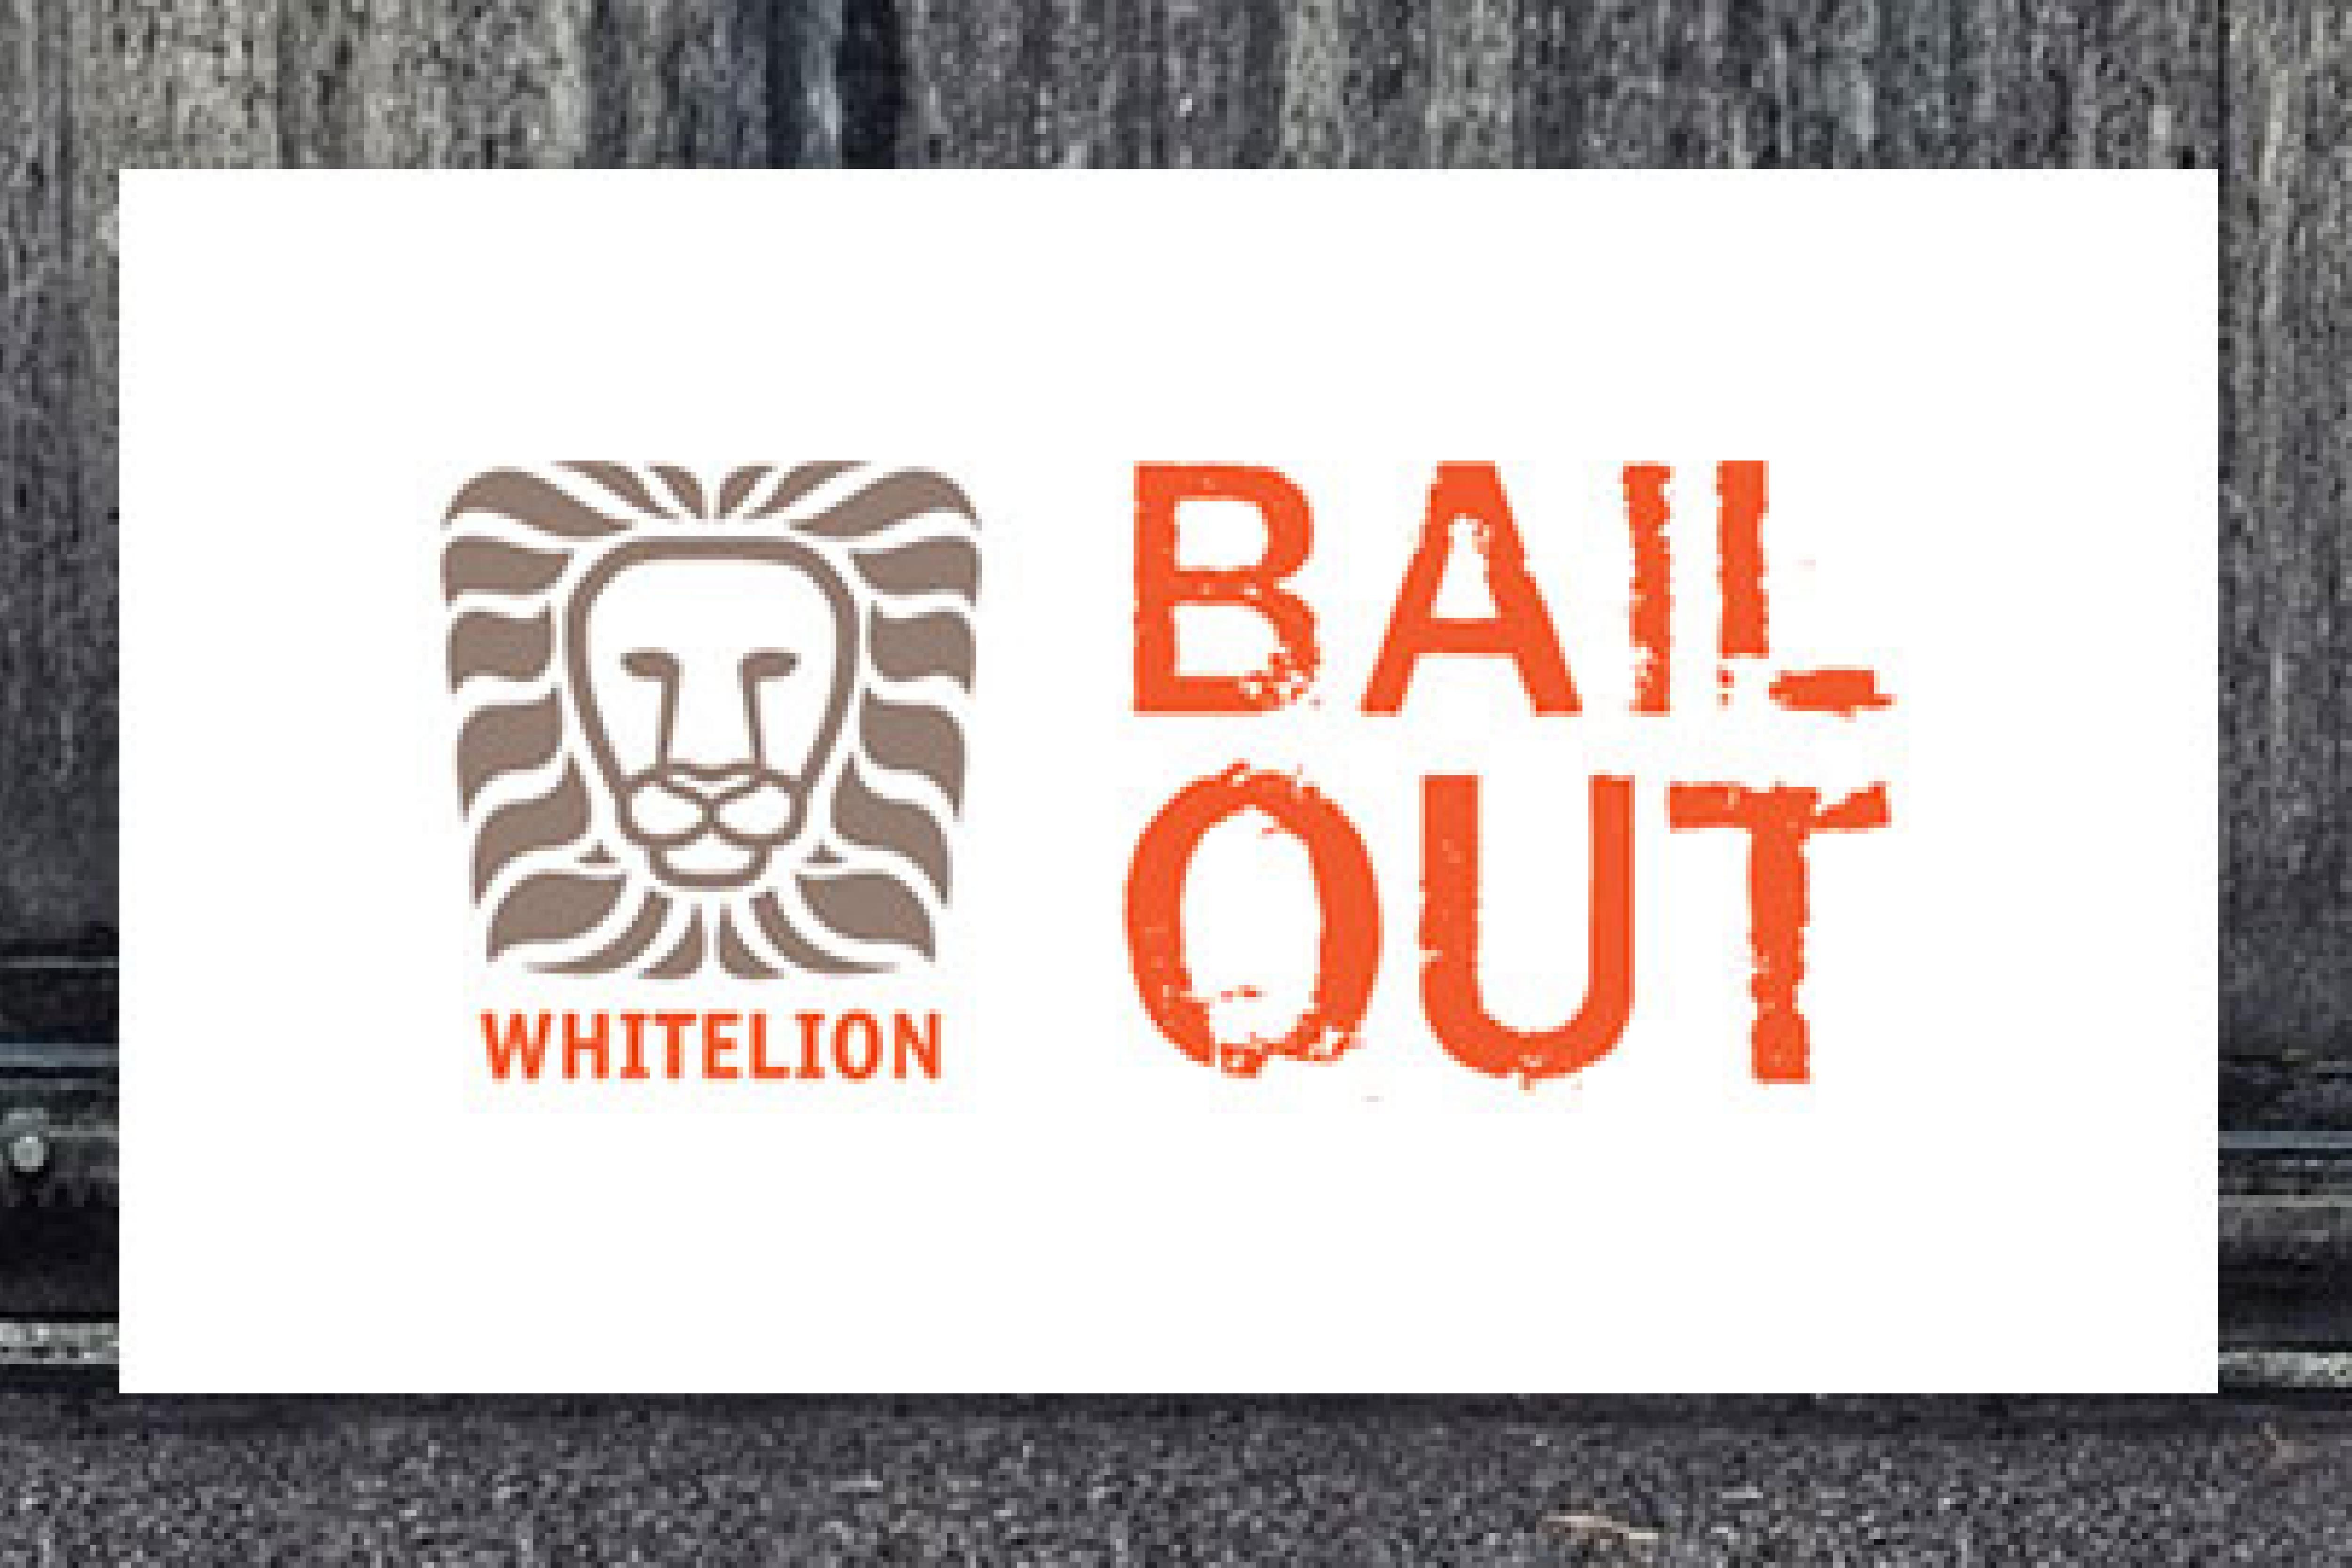 Whitelion Bail Out